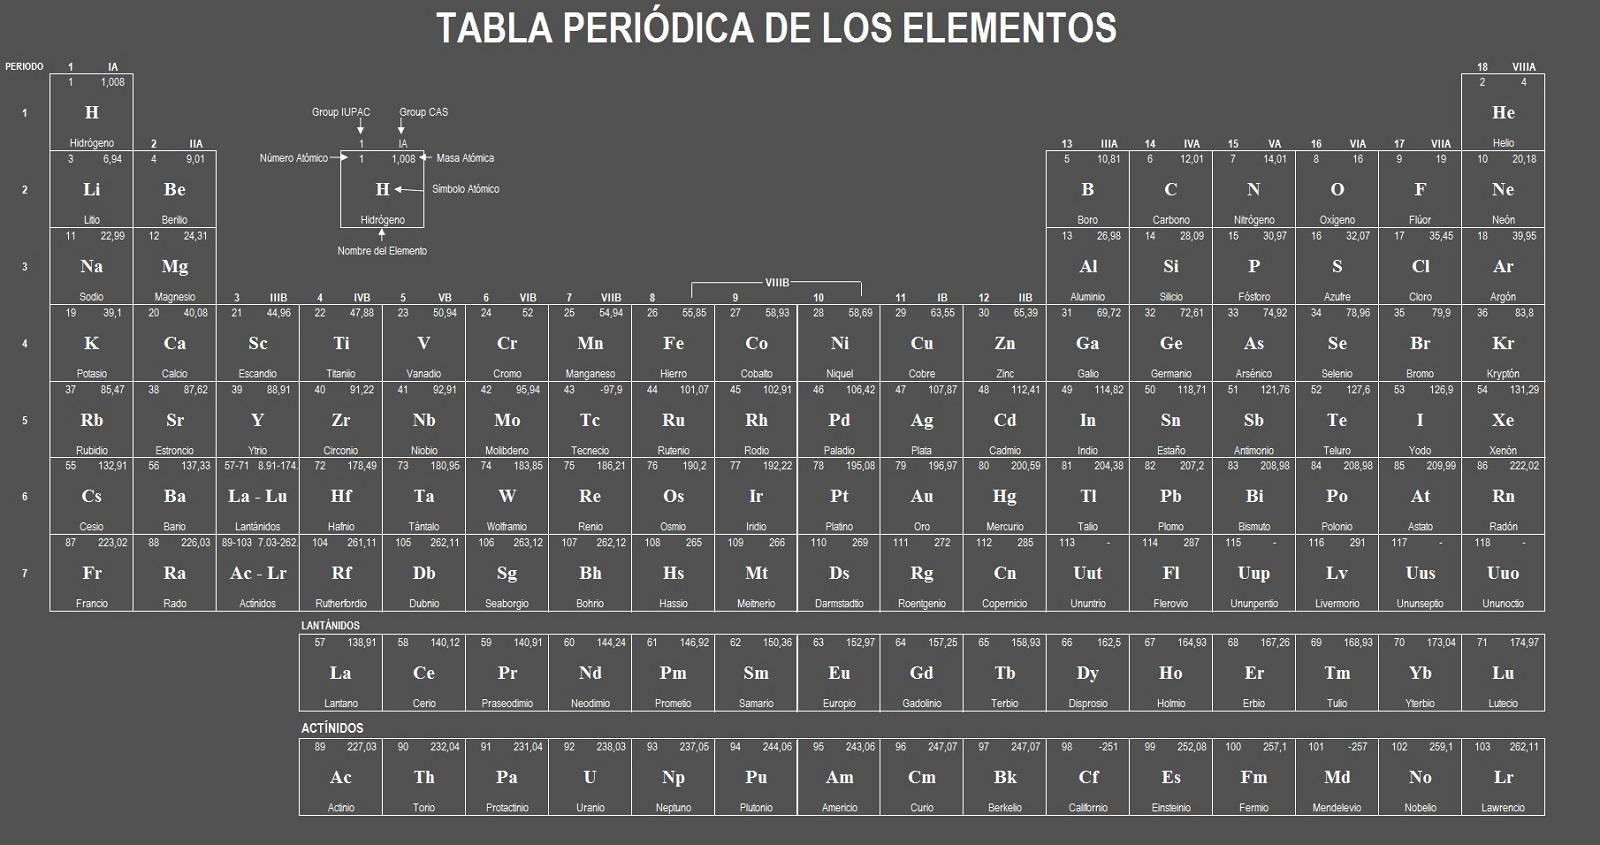 Qu es la tabla peridica de los elementos qu es la tabla peridica de los elementos urtaz Gallery